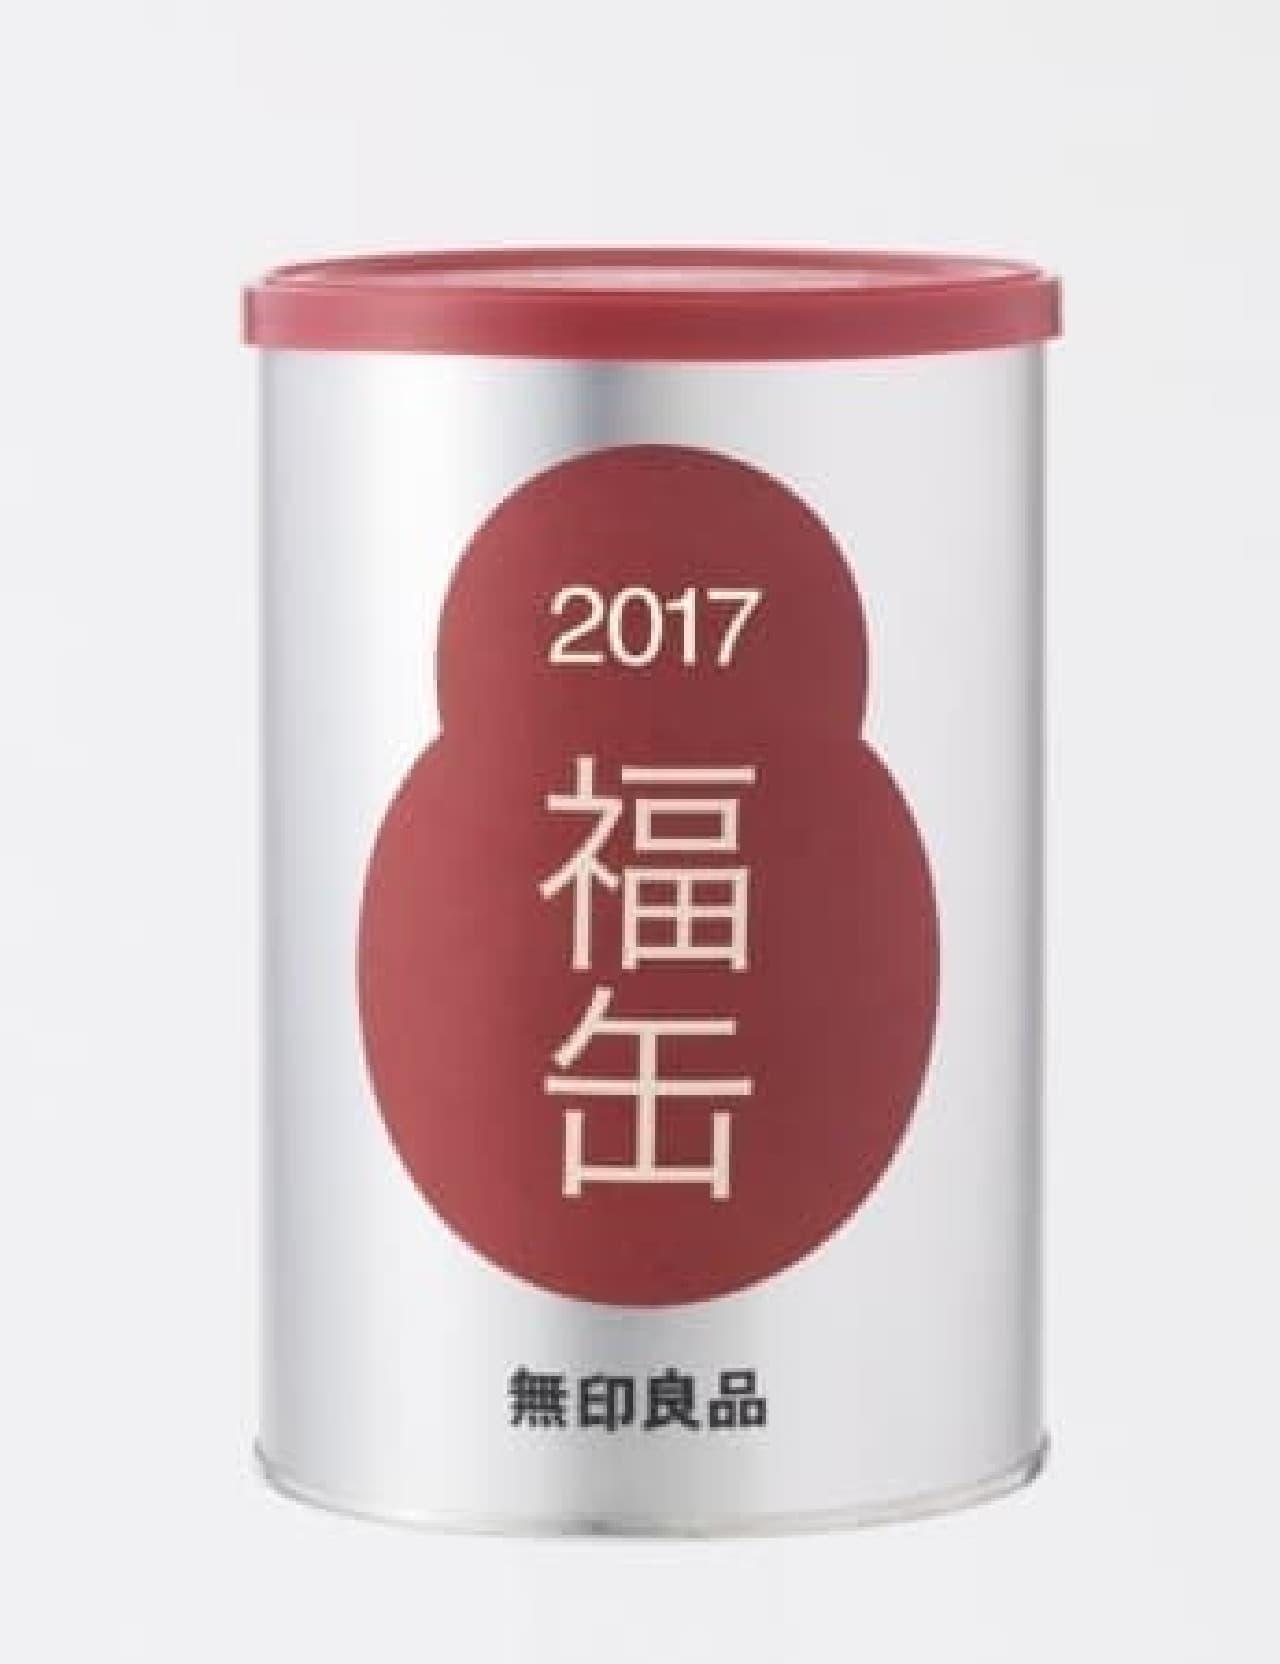 無印良品「福缶(2017)」